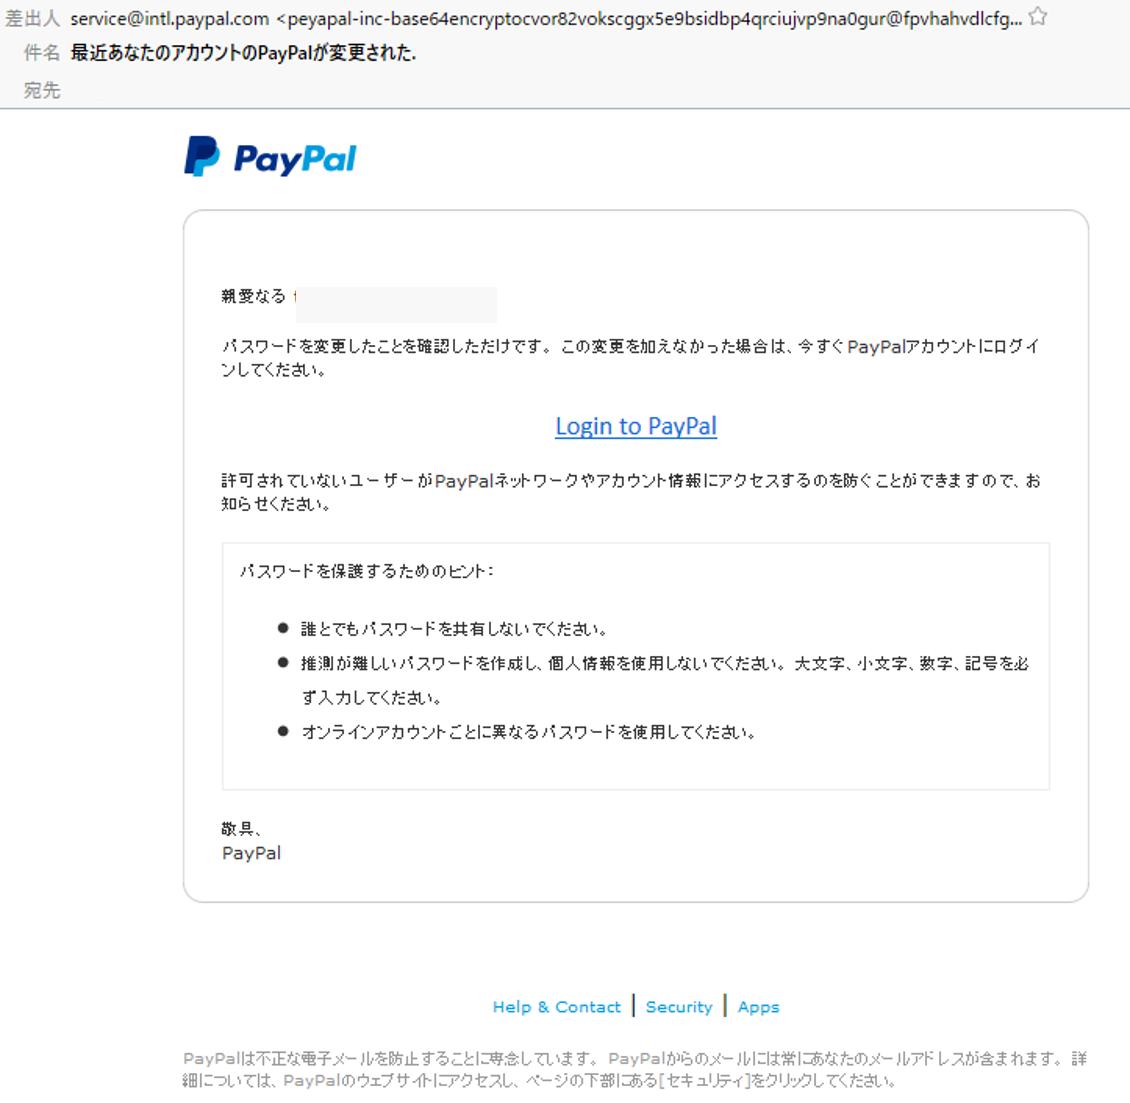 フィッシングメール:最近あなたのアカウントのPayPalが変更された.